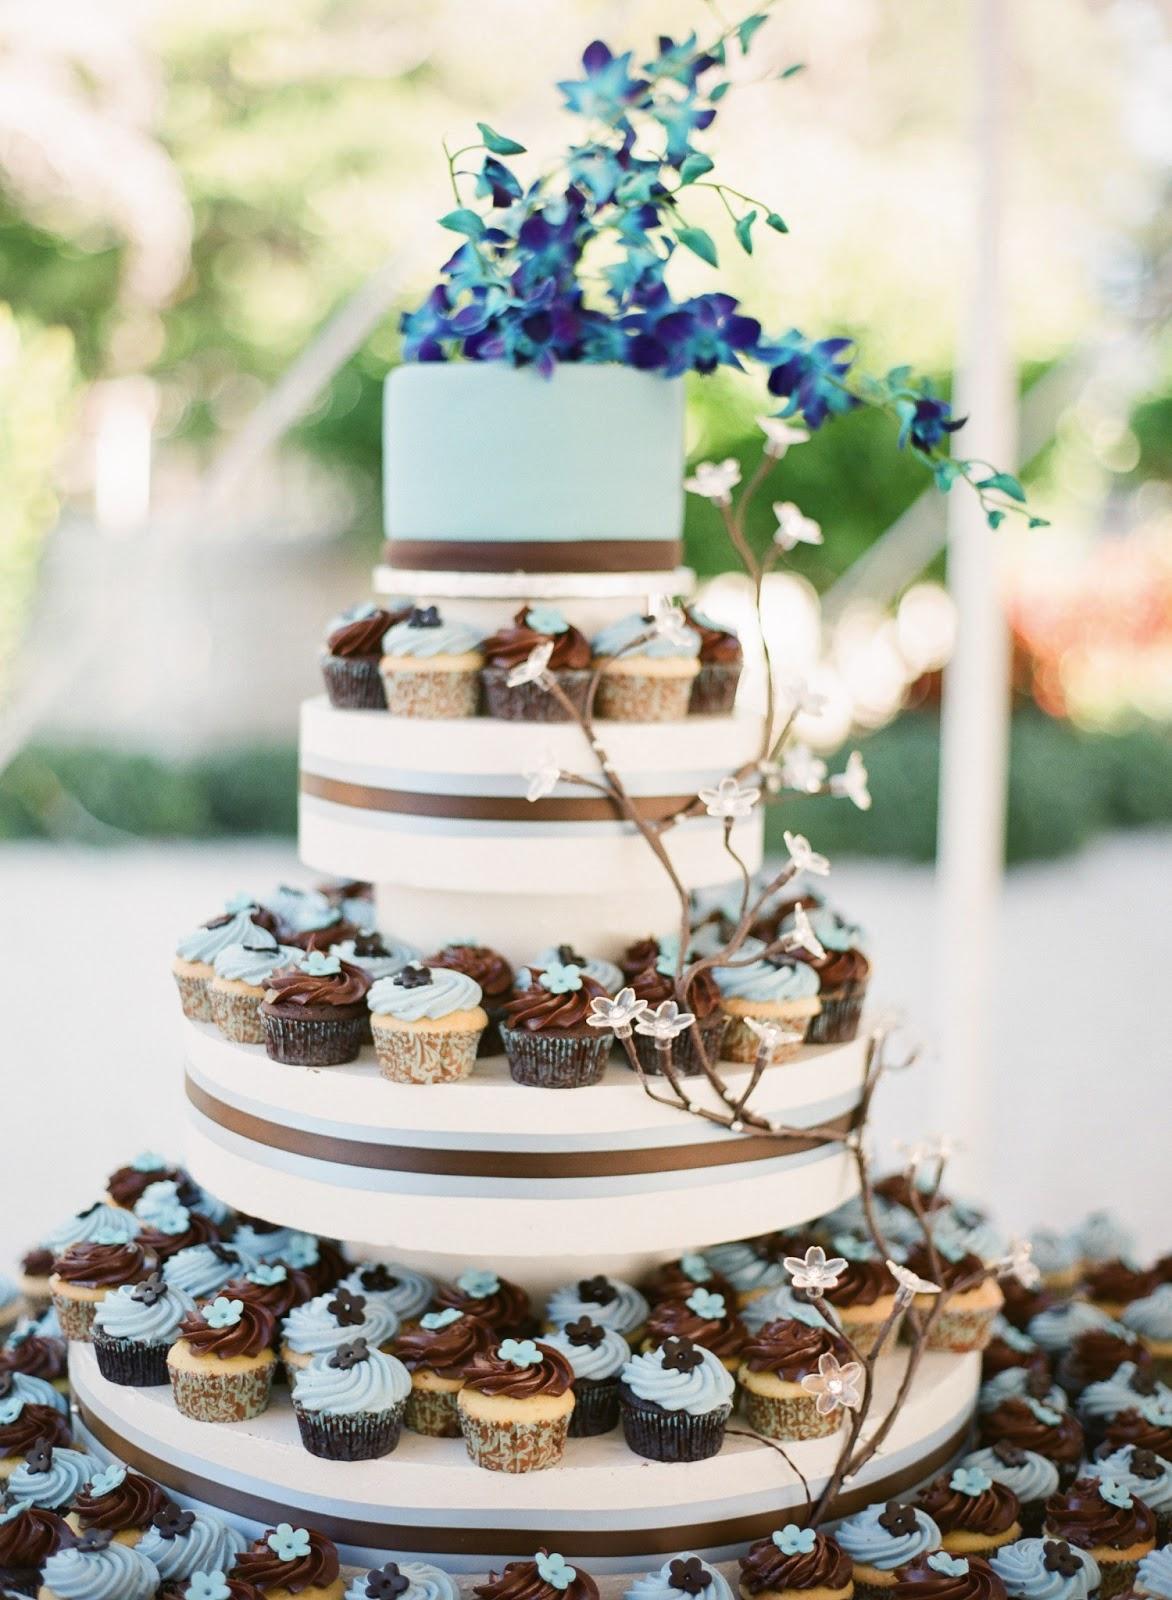 12 Wedding Cakes With Cupcakes On Tiers Photo Cupcake Wedding Cake